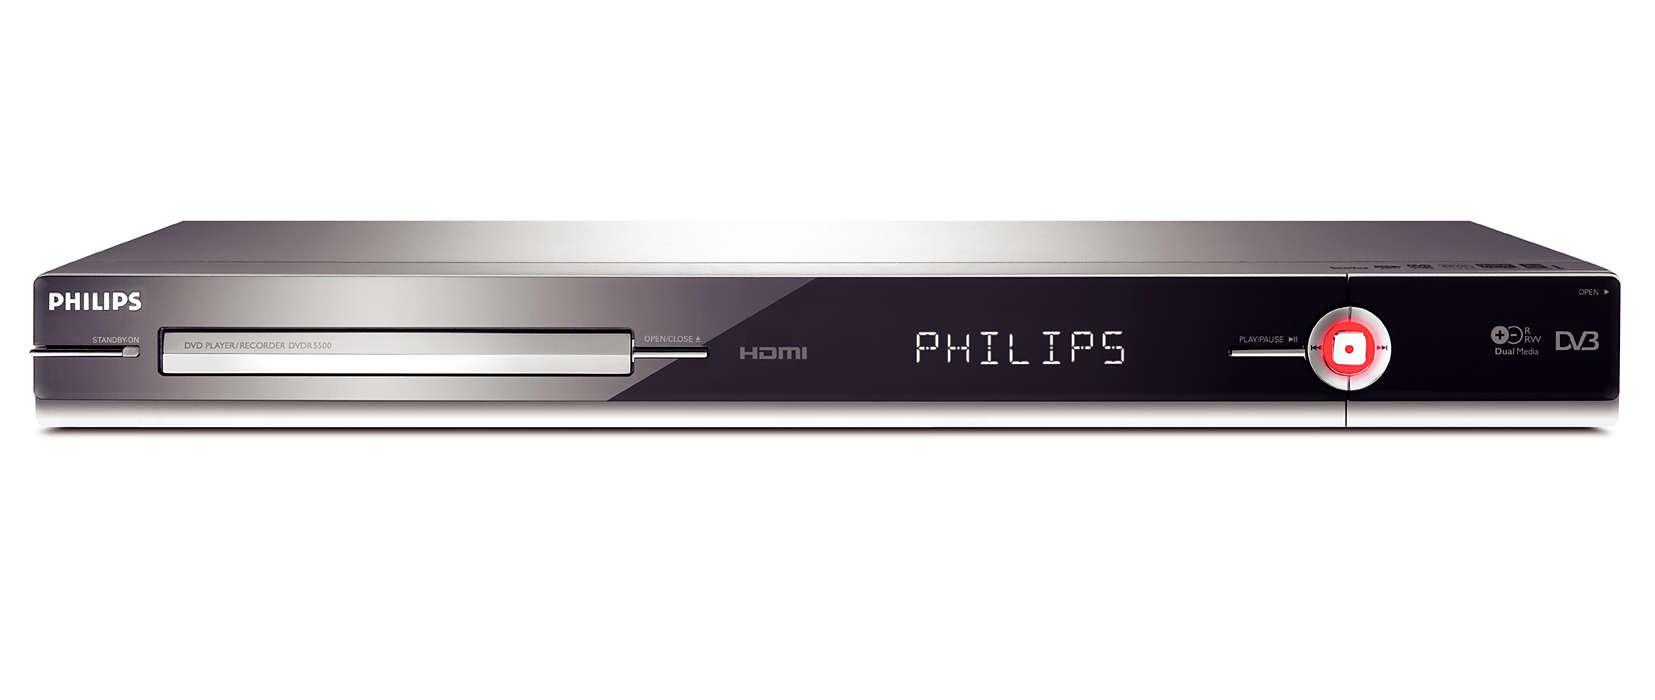 Disfruta de la TV digital con calidad de alta definición de 1080i